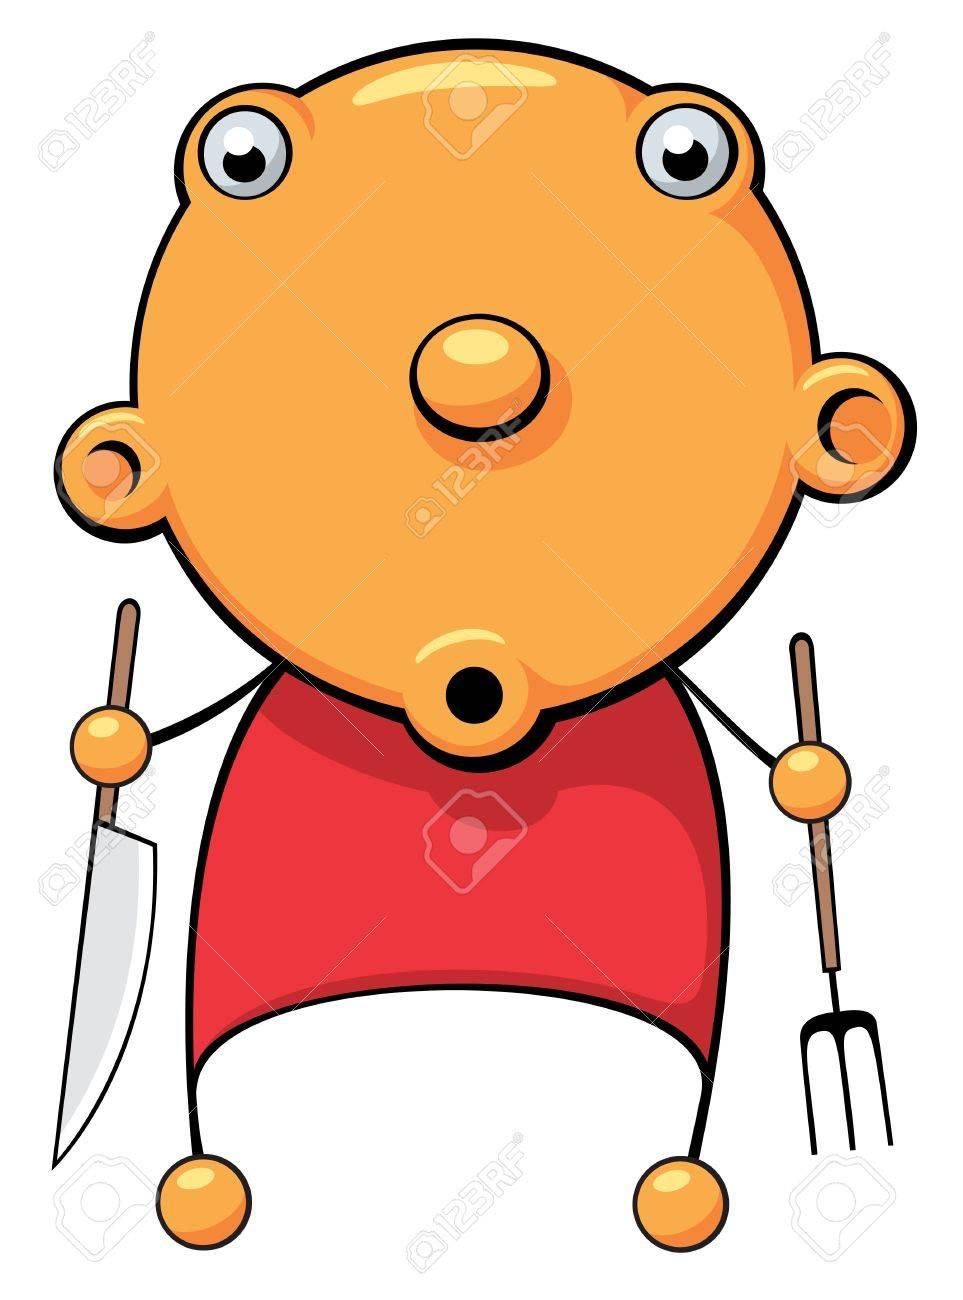 Messer und gabel clipart  Illustration Von Einem Hungrigen Baby Mit Messer Und Gabel In Der ...